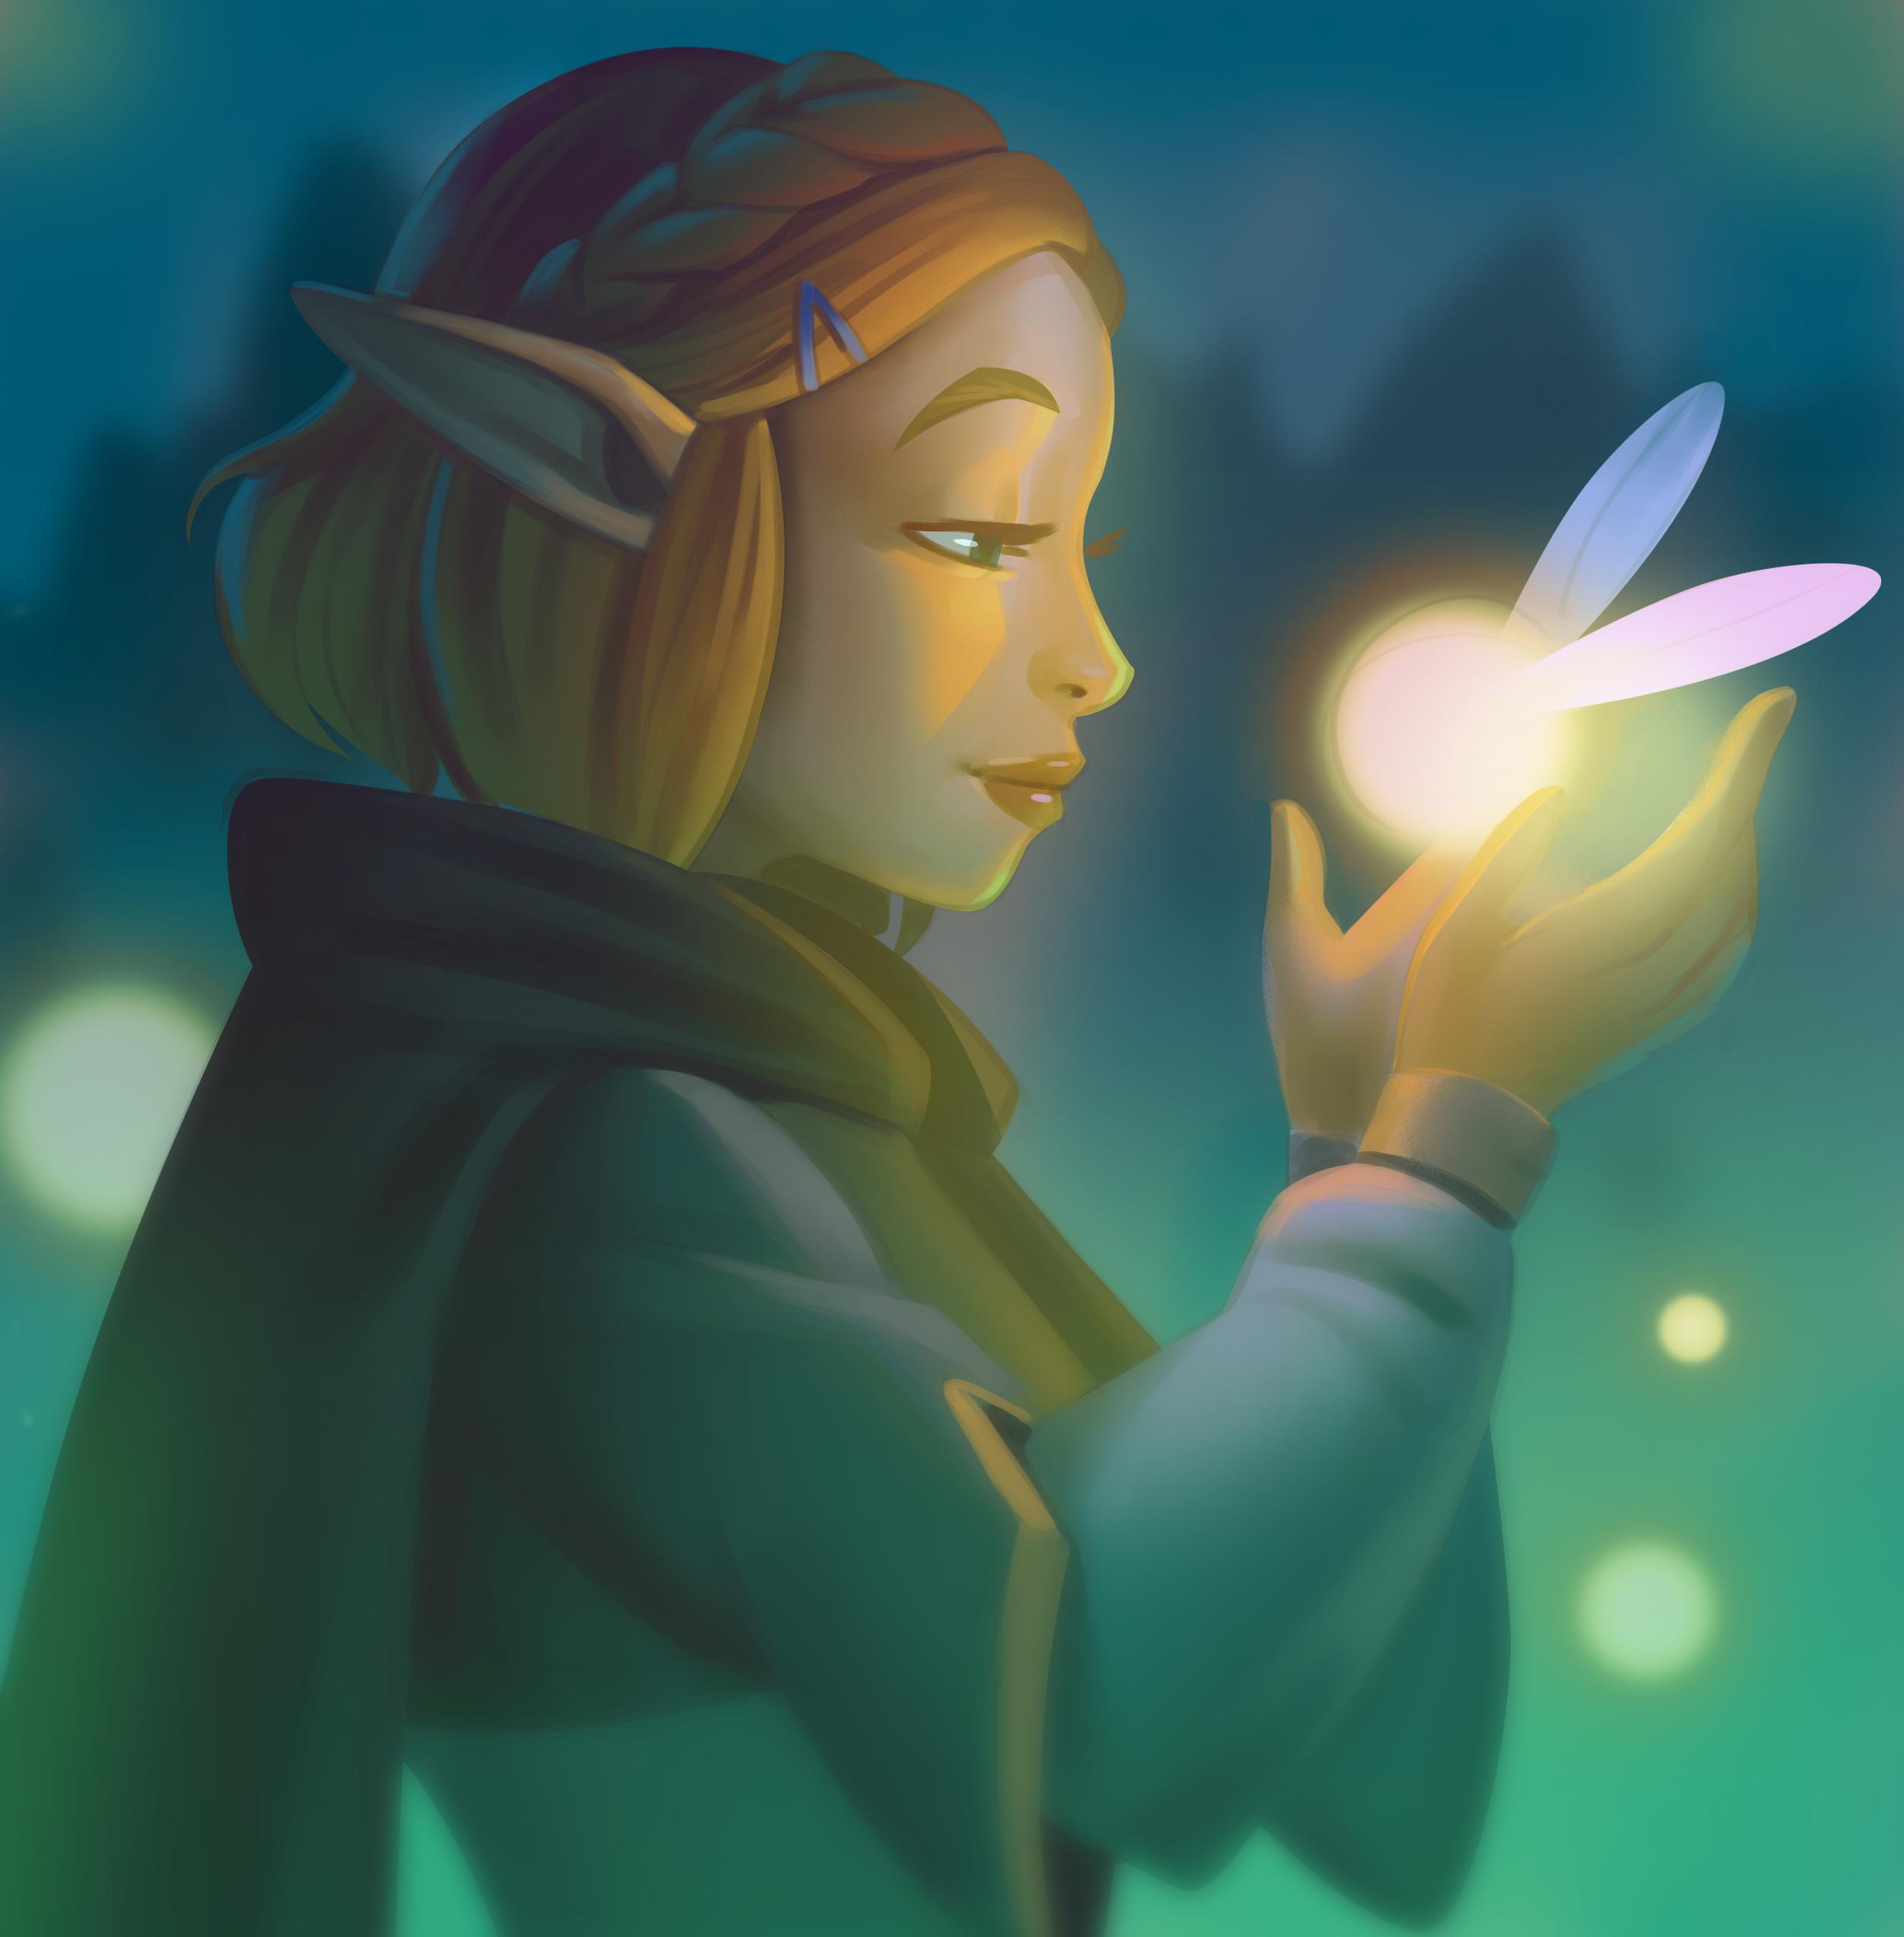 Zelda_v02.png